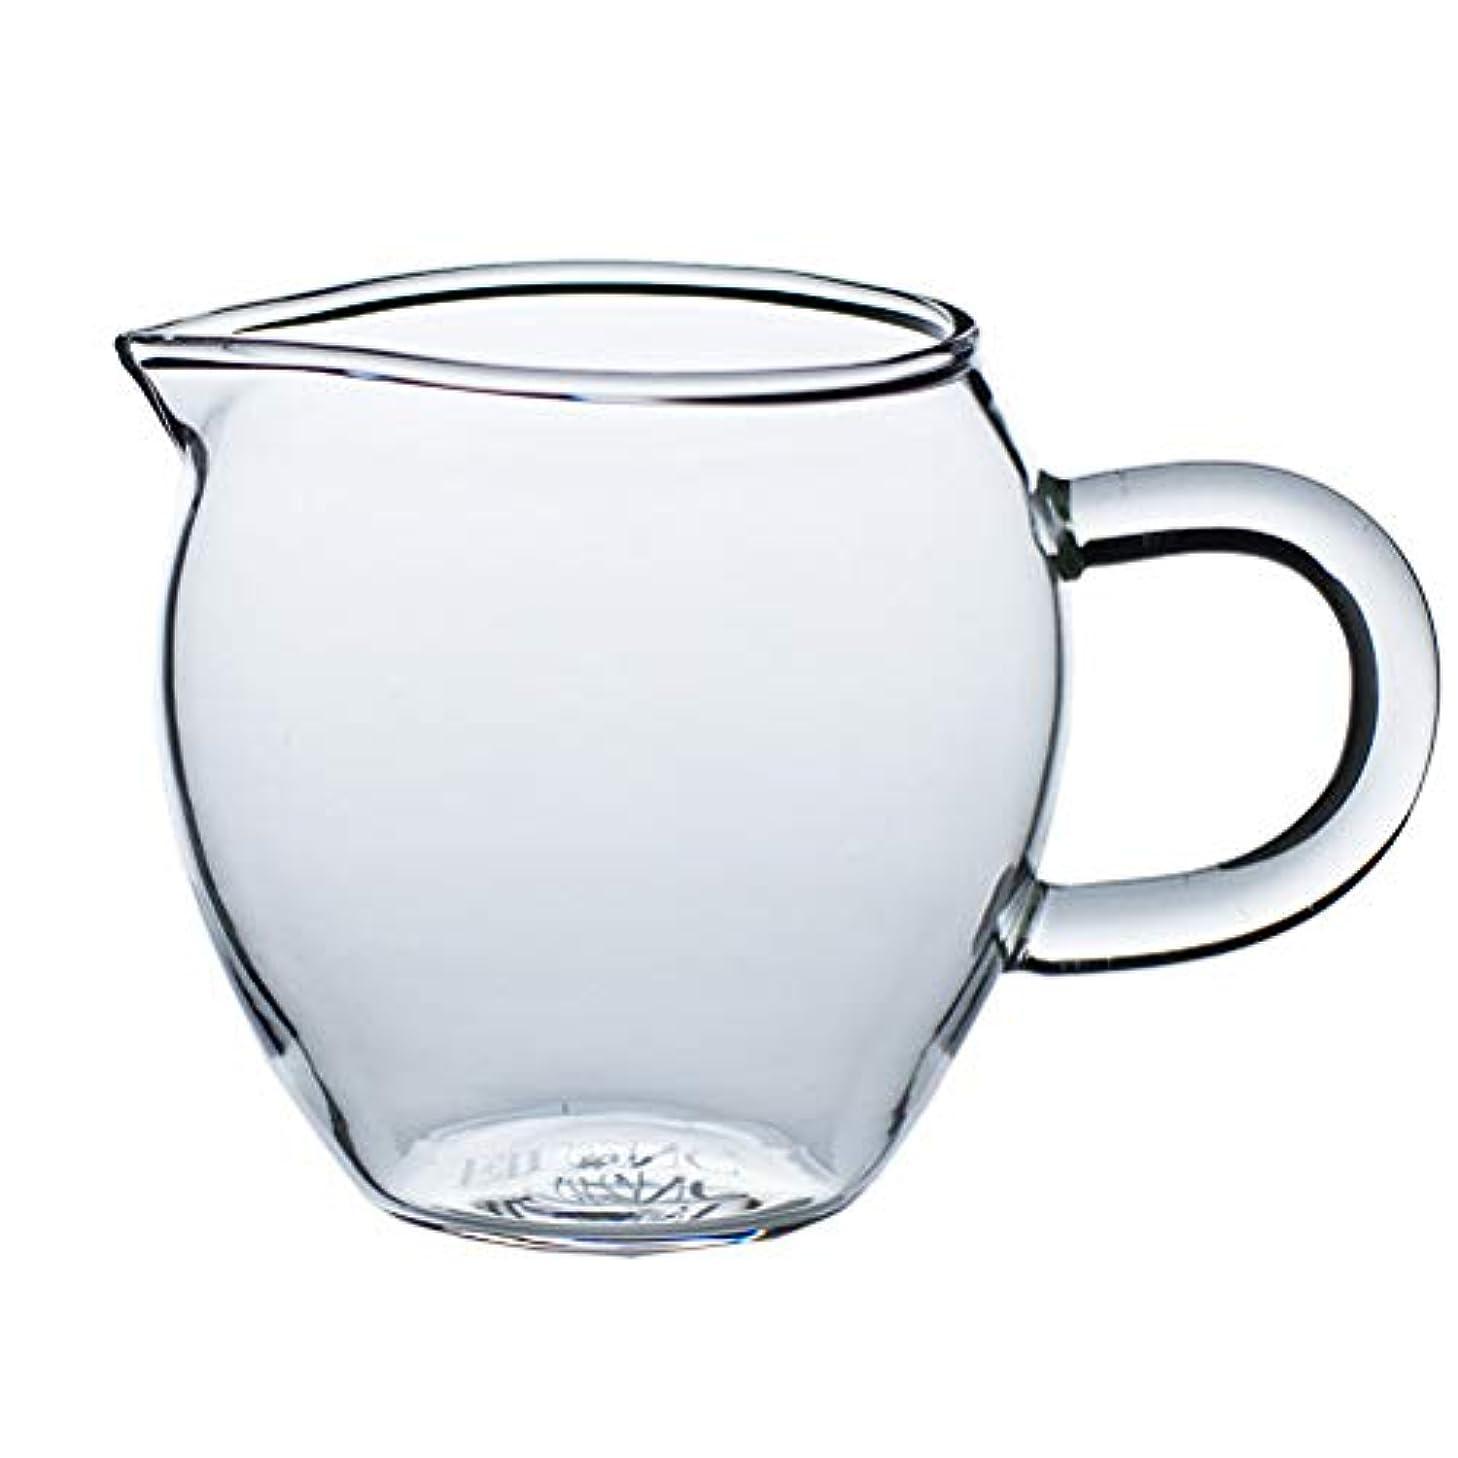 符号パラシュートトチの実の木【正規代理品】華剛茶業 テイスティング用ガラス製茶海セット